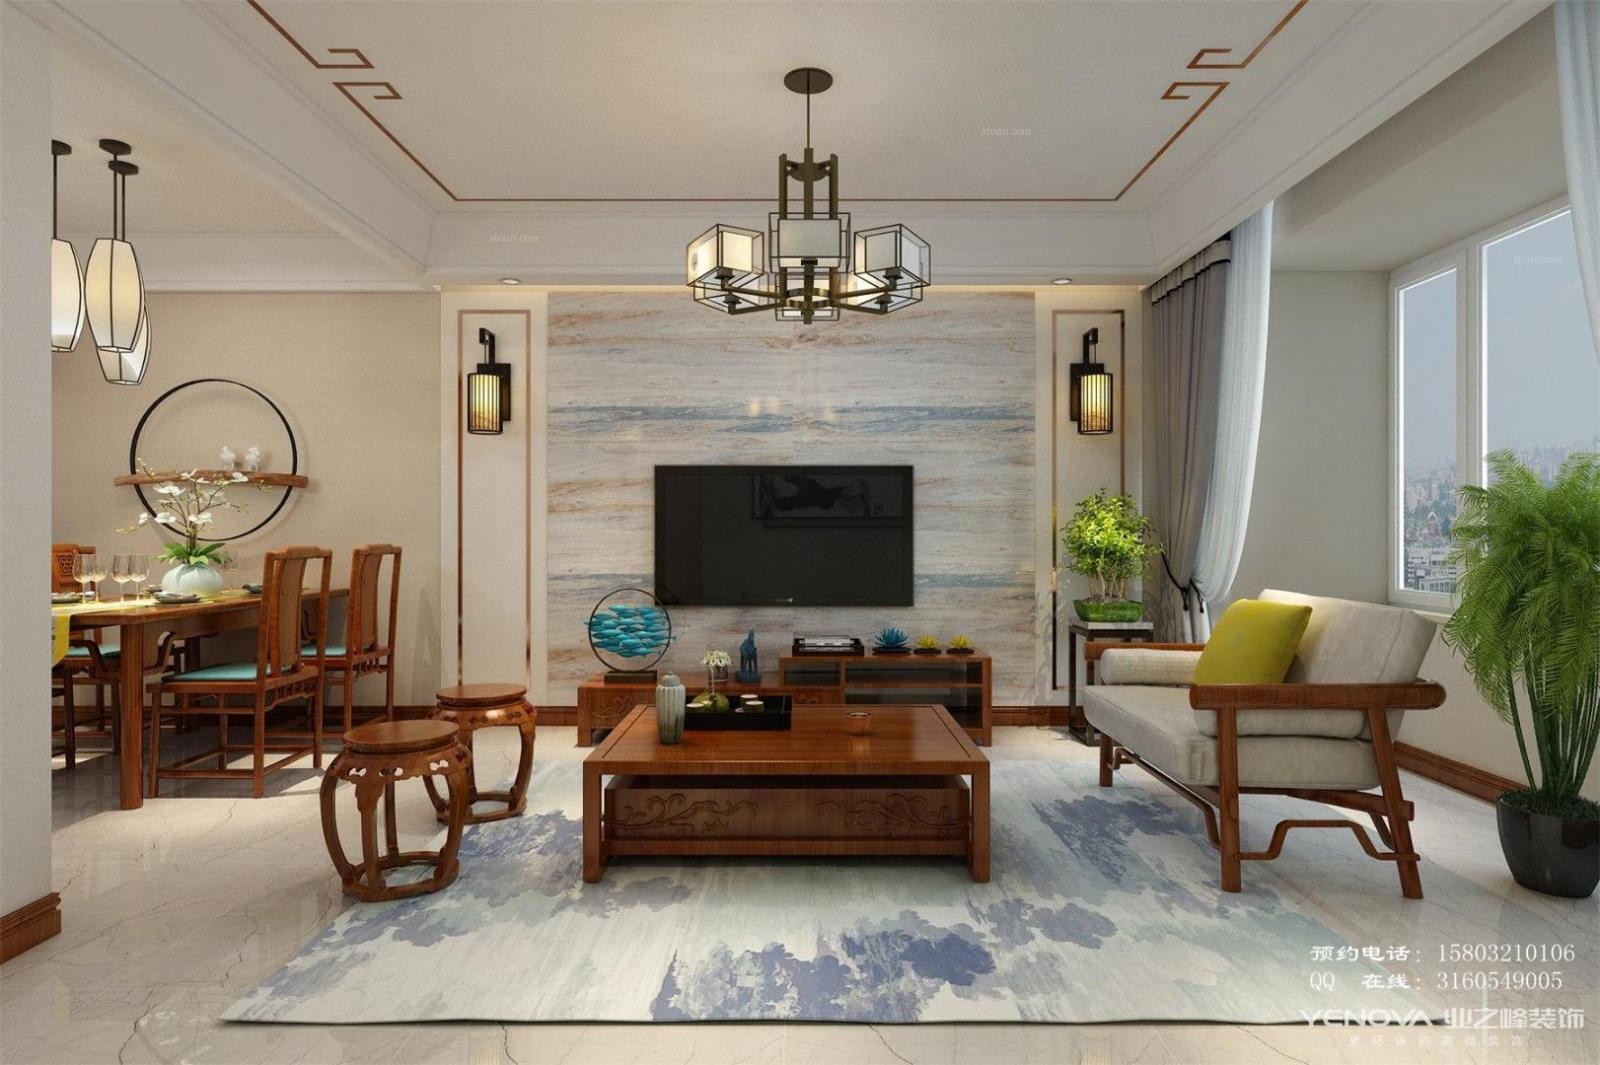 保利拉菲98平三居室新中式装修设计-石家庄业之峰装饰